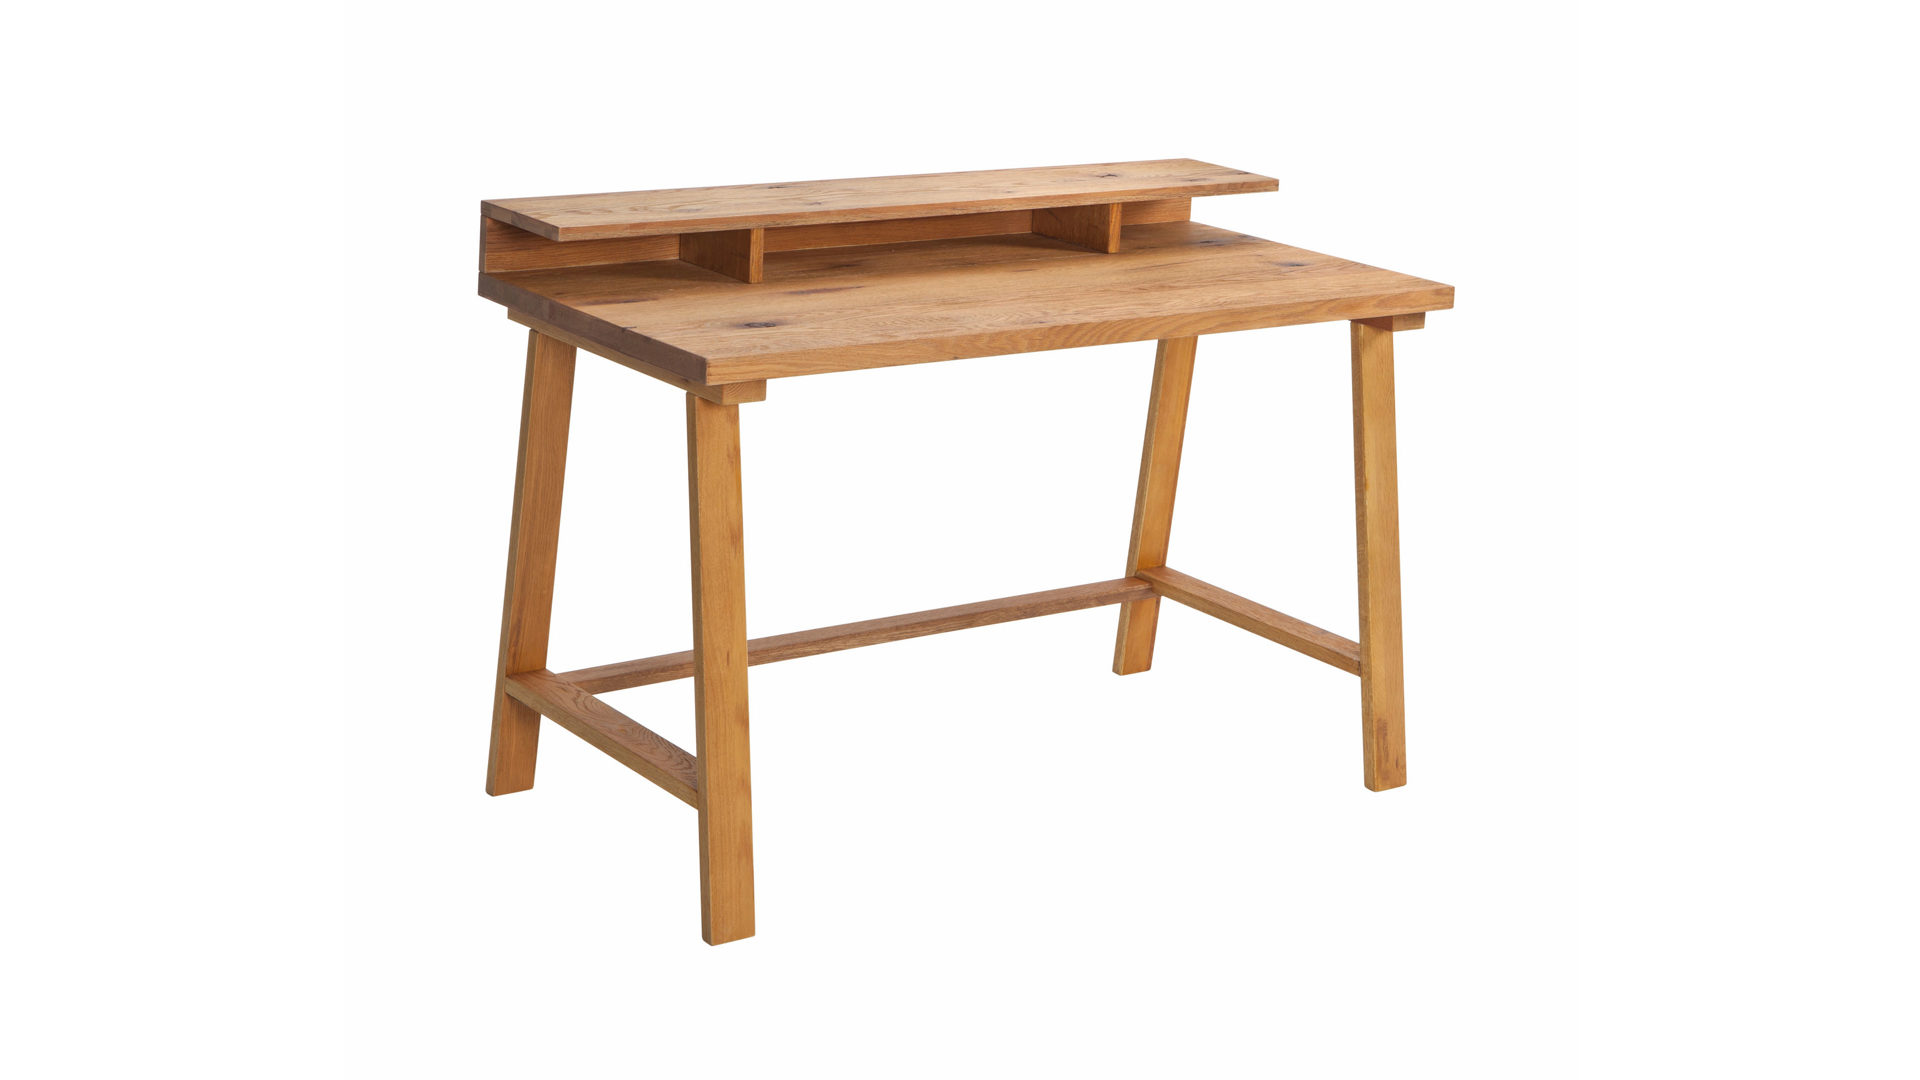 Schreibtisch holz dunkel  Einrichtungspartner Ring | Massivholz-Schreibtisch für Home-Office ...